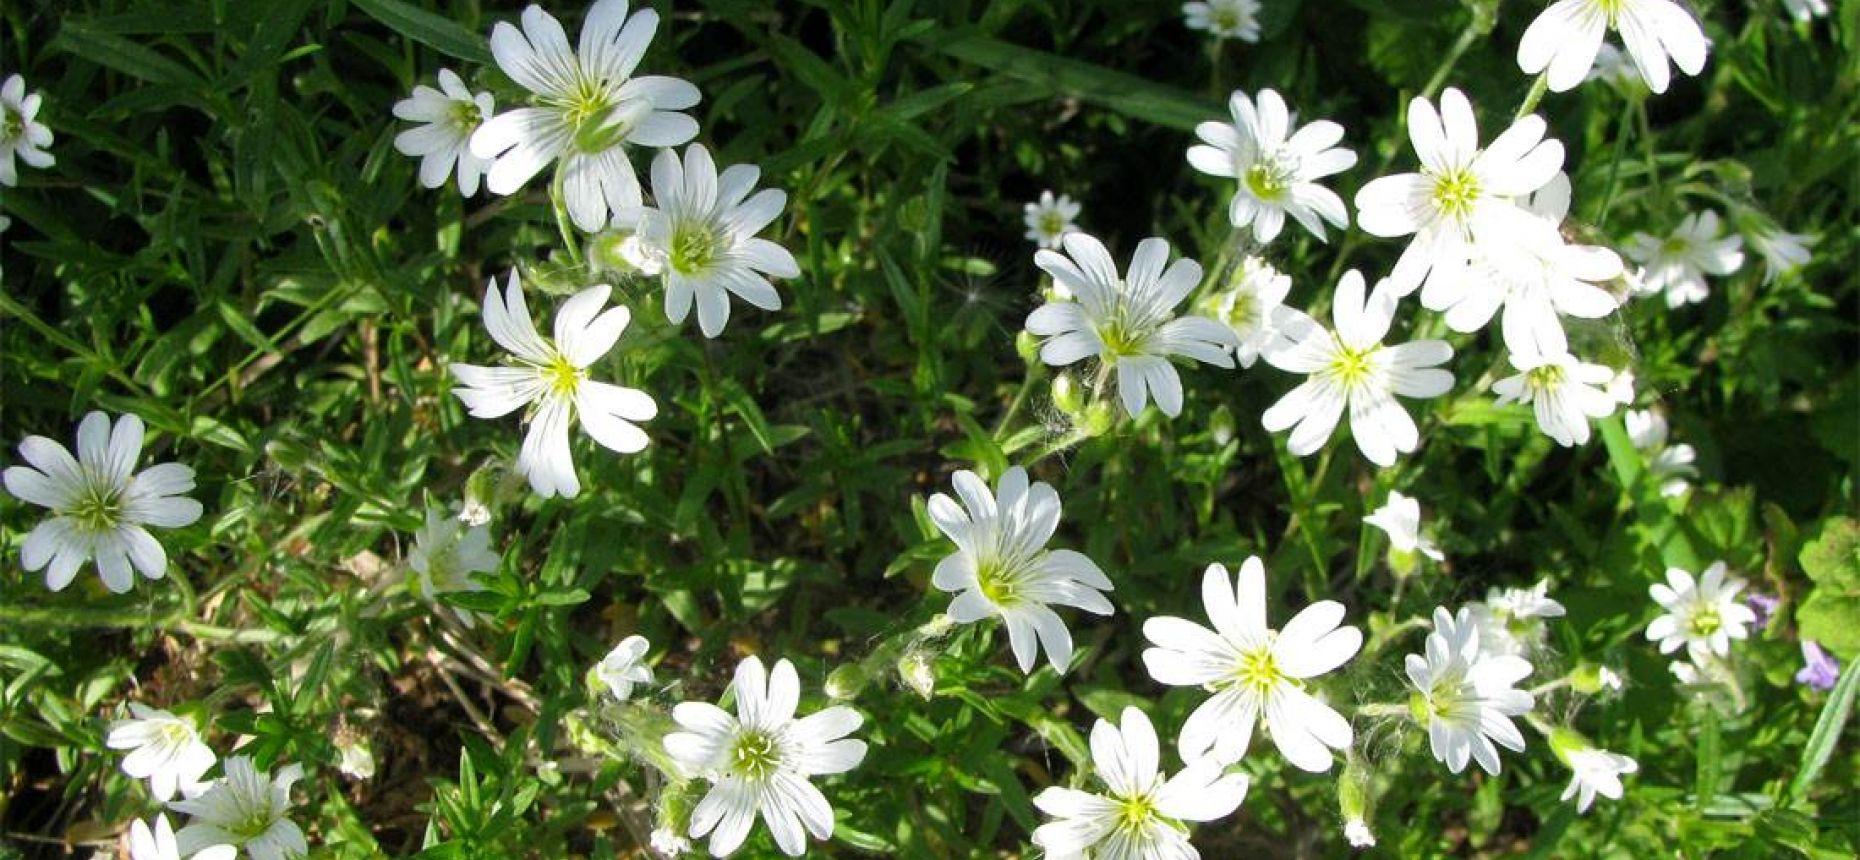 Cerastium arvense L. - Ясколка луговая.